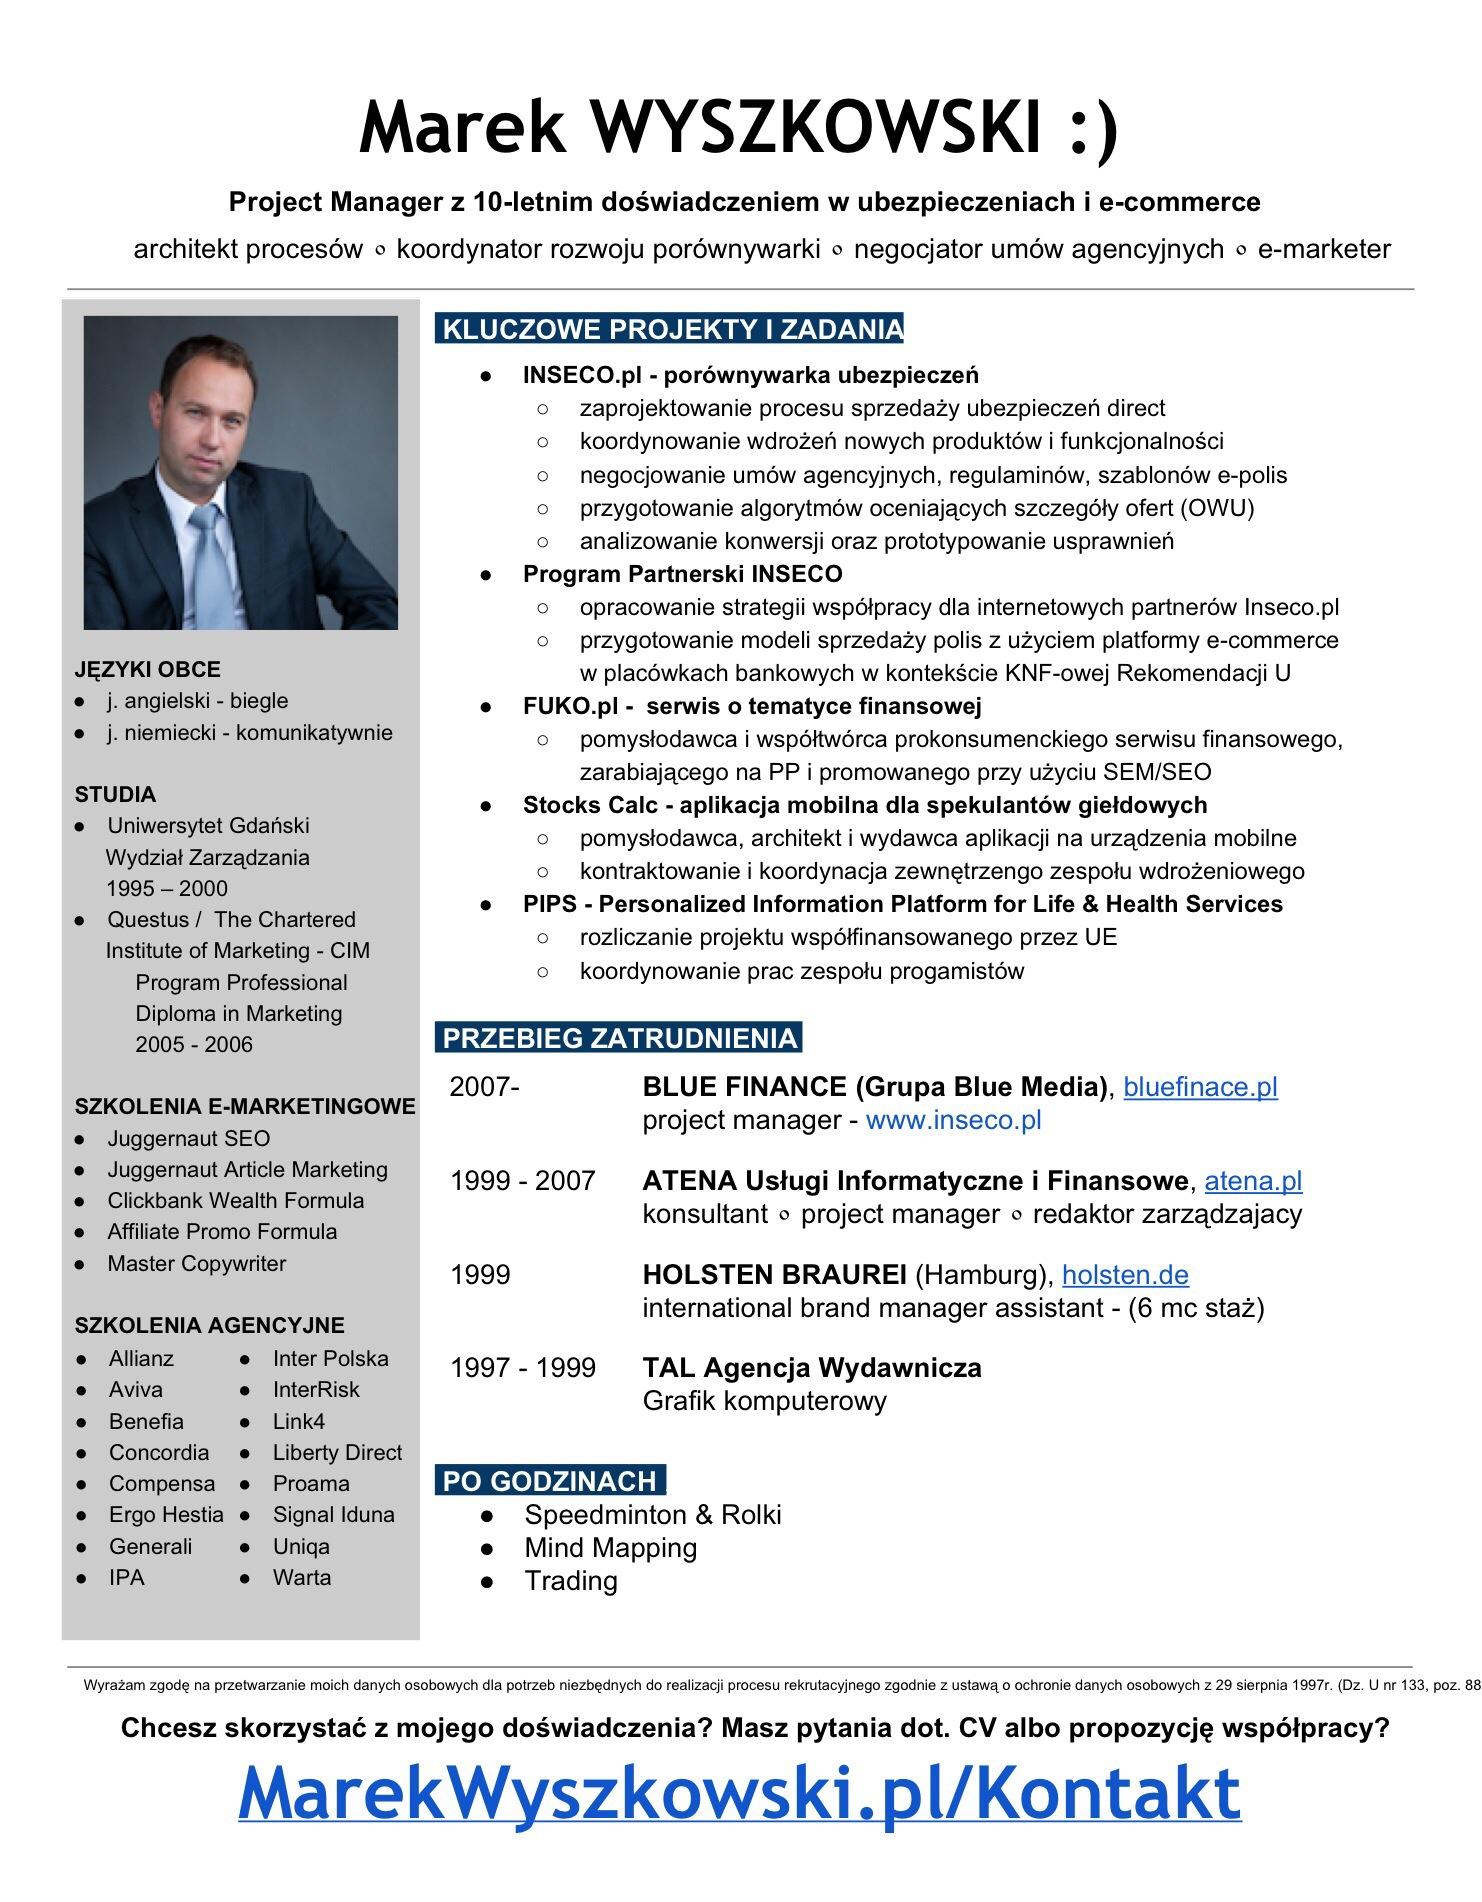 gotowe cv czyli marek zawodowiec gotowe cv marek wyszkowski